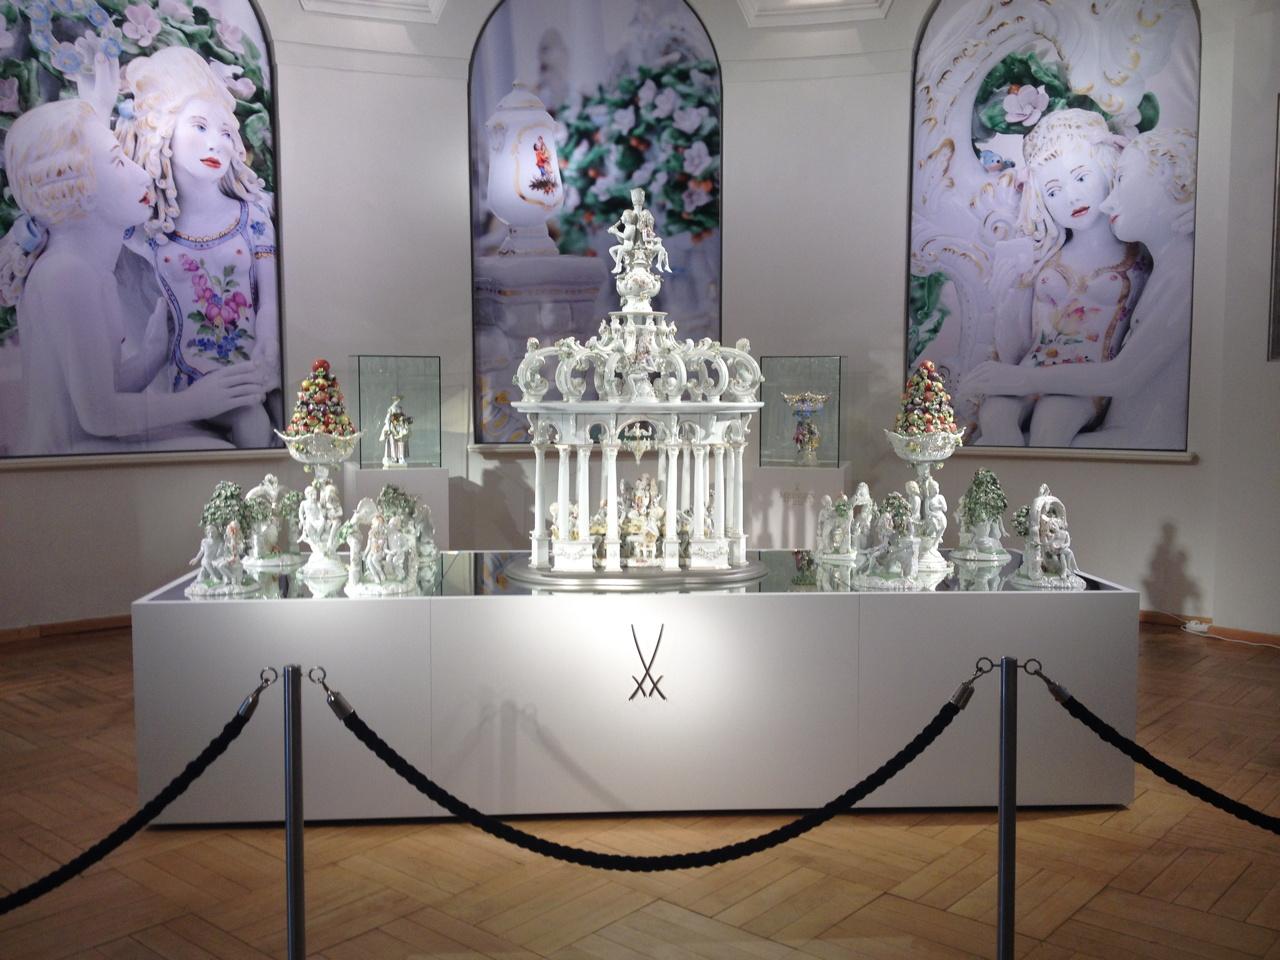 Antemann's work on display at Meissen